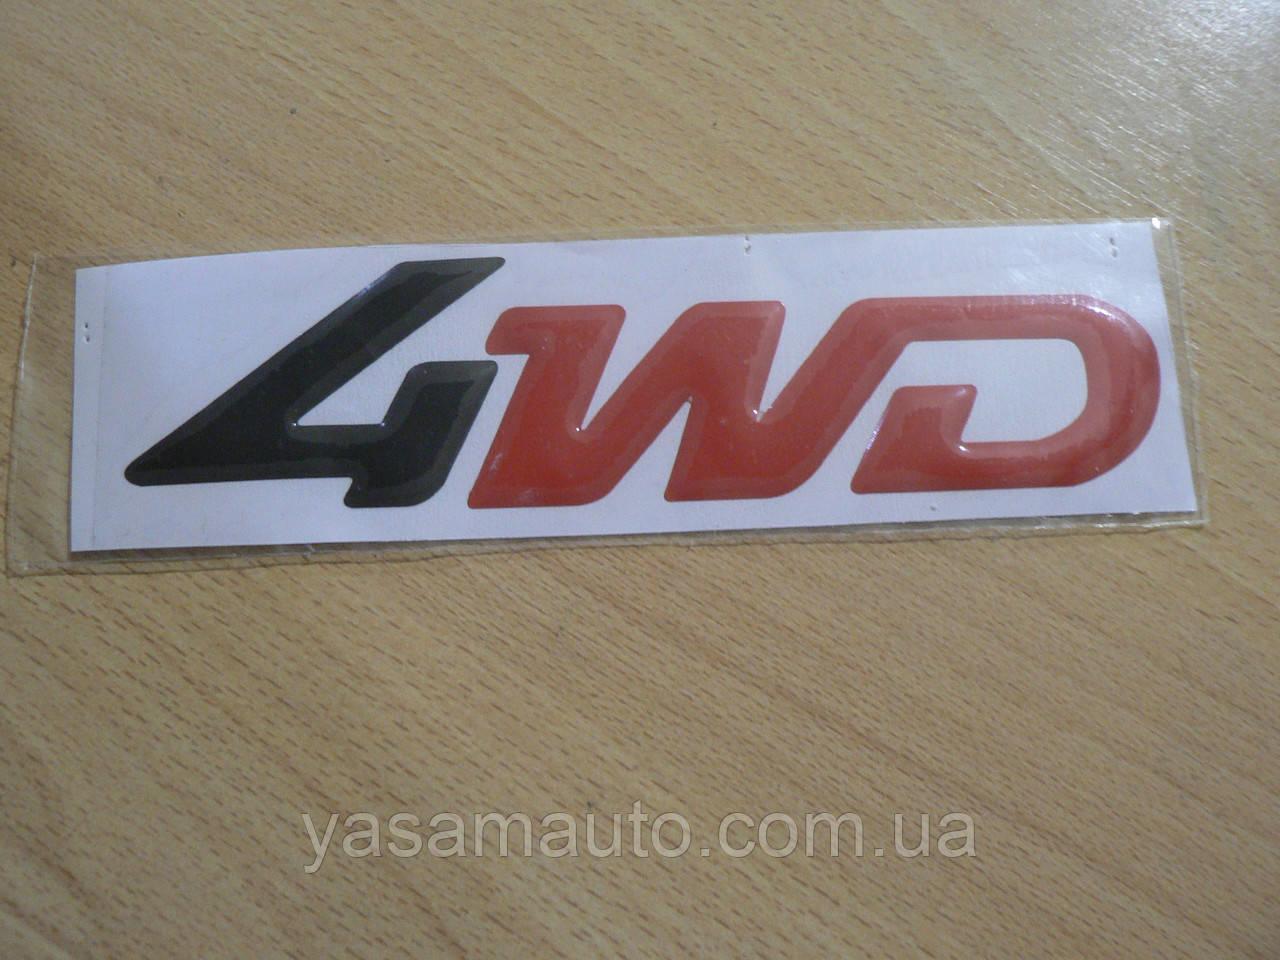 Наклейка s силиконовая надпись 4WD 170х41х1,3мм черная с красным орнамент 4вд полный привод на авто